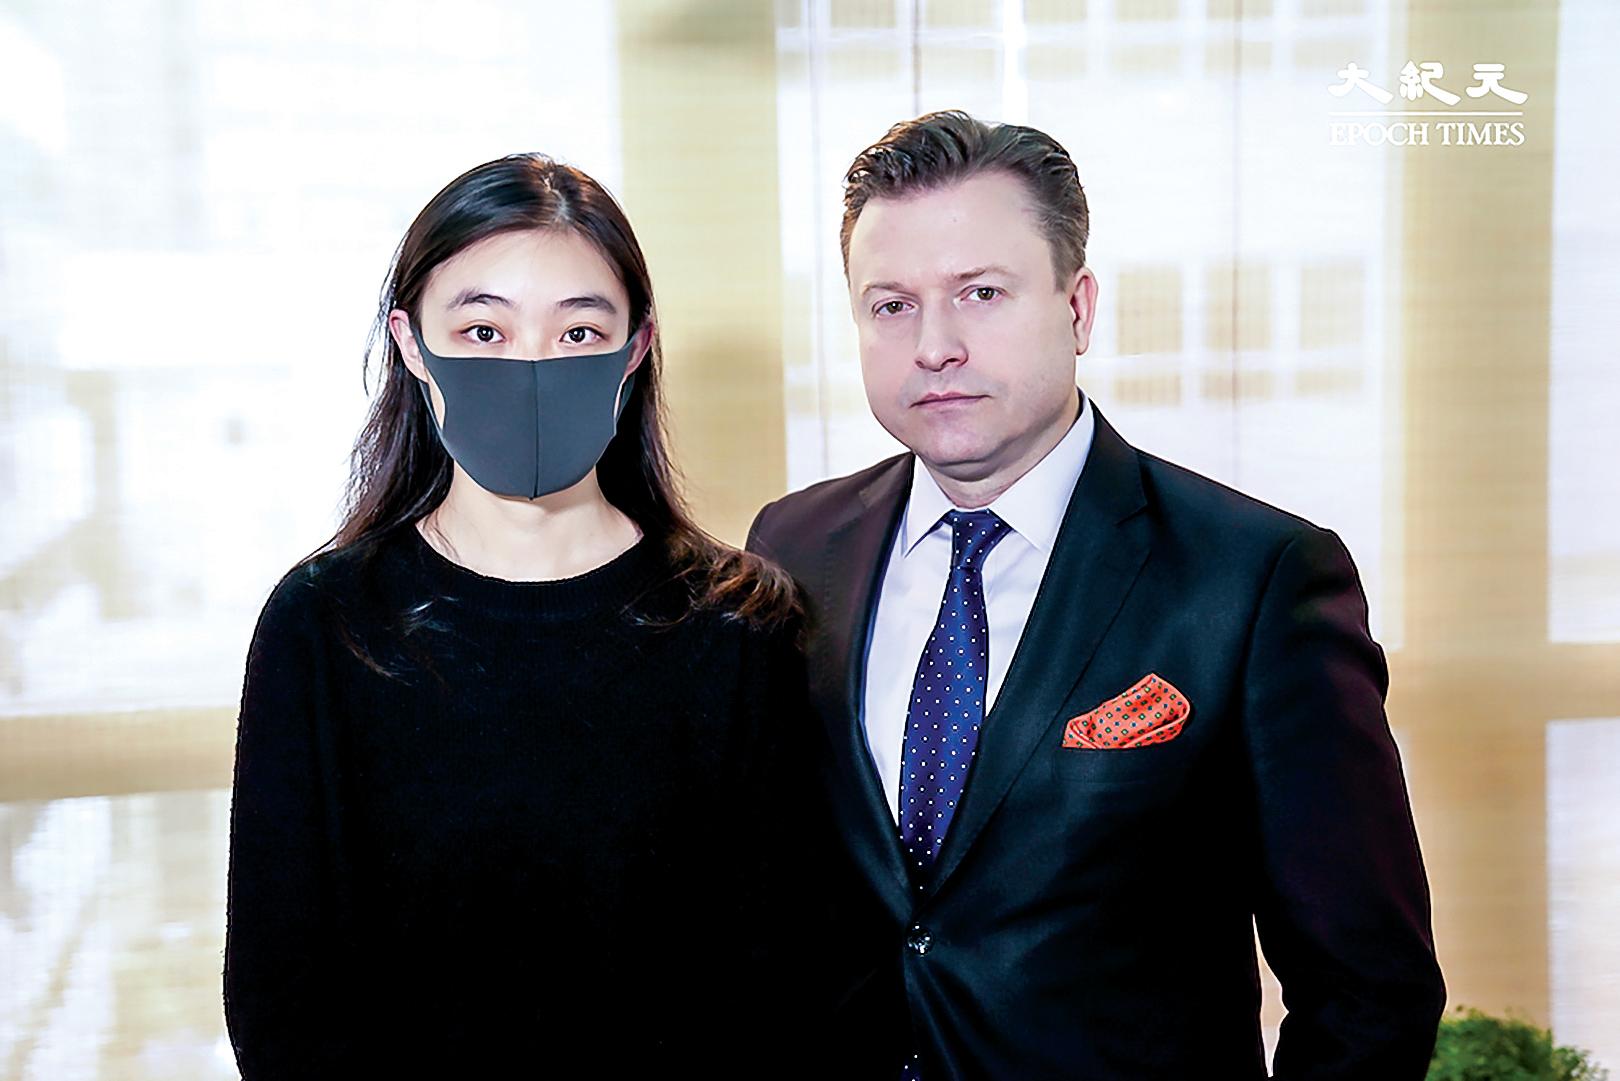 香港大專學界國際事務代表團發言人邵嵐與主持人楊傑凱合照。(大紀元)